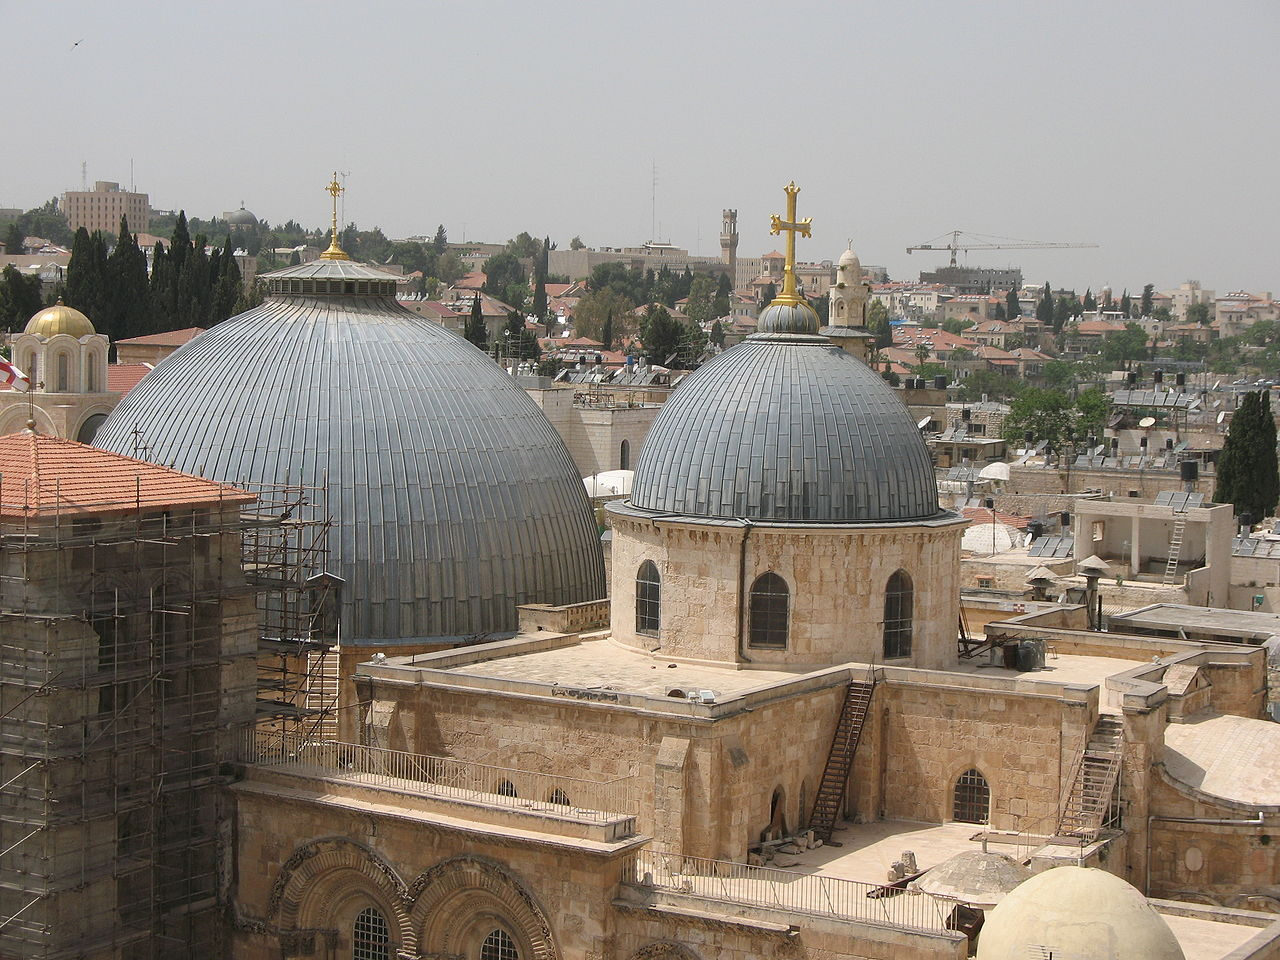 Храм Воскресения Христова (храм Гроба Господня)